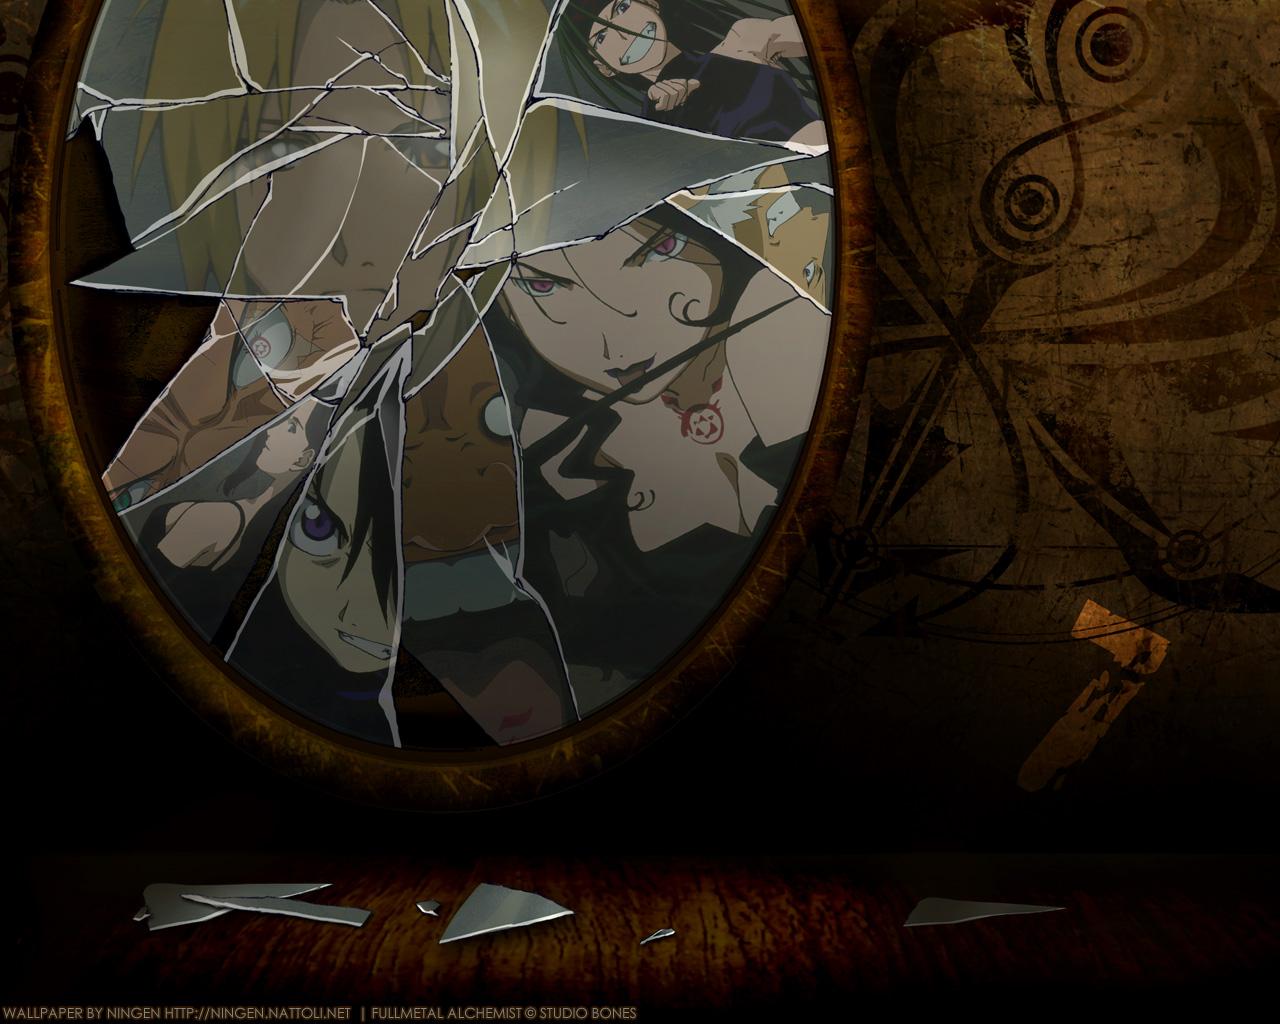 http://1.bp.blogspot.com/_-Ks2KviirZ0/TJziHEHkaVI/AAAAAAAAAjc/E9uR8u2DuH0/s1600/wallpaper-200058.jpg